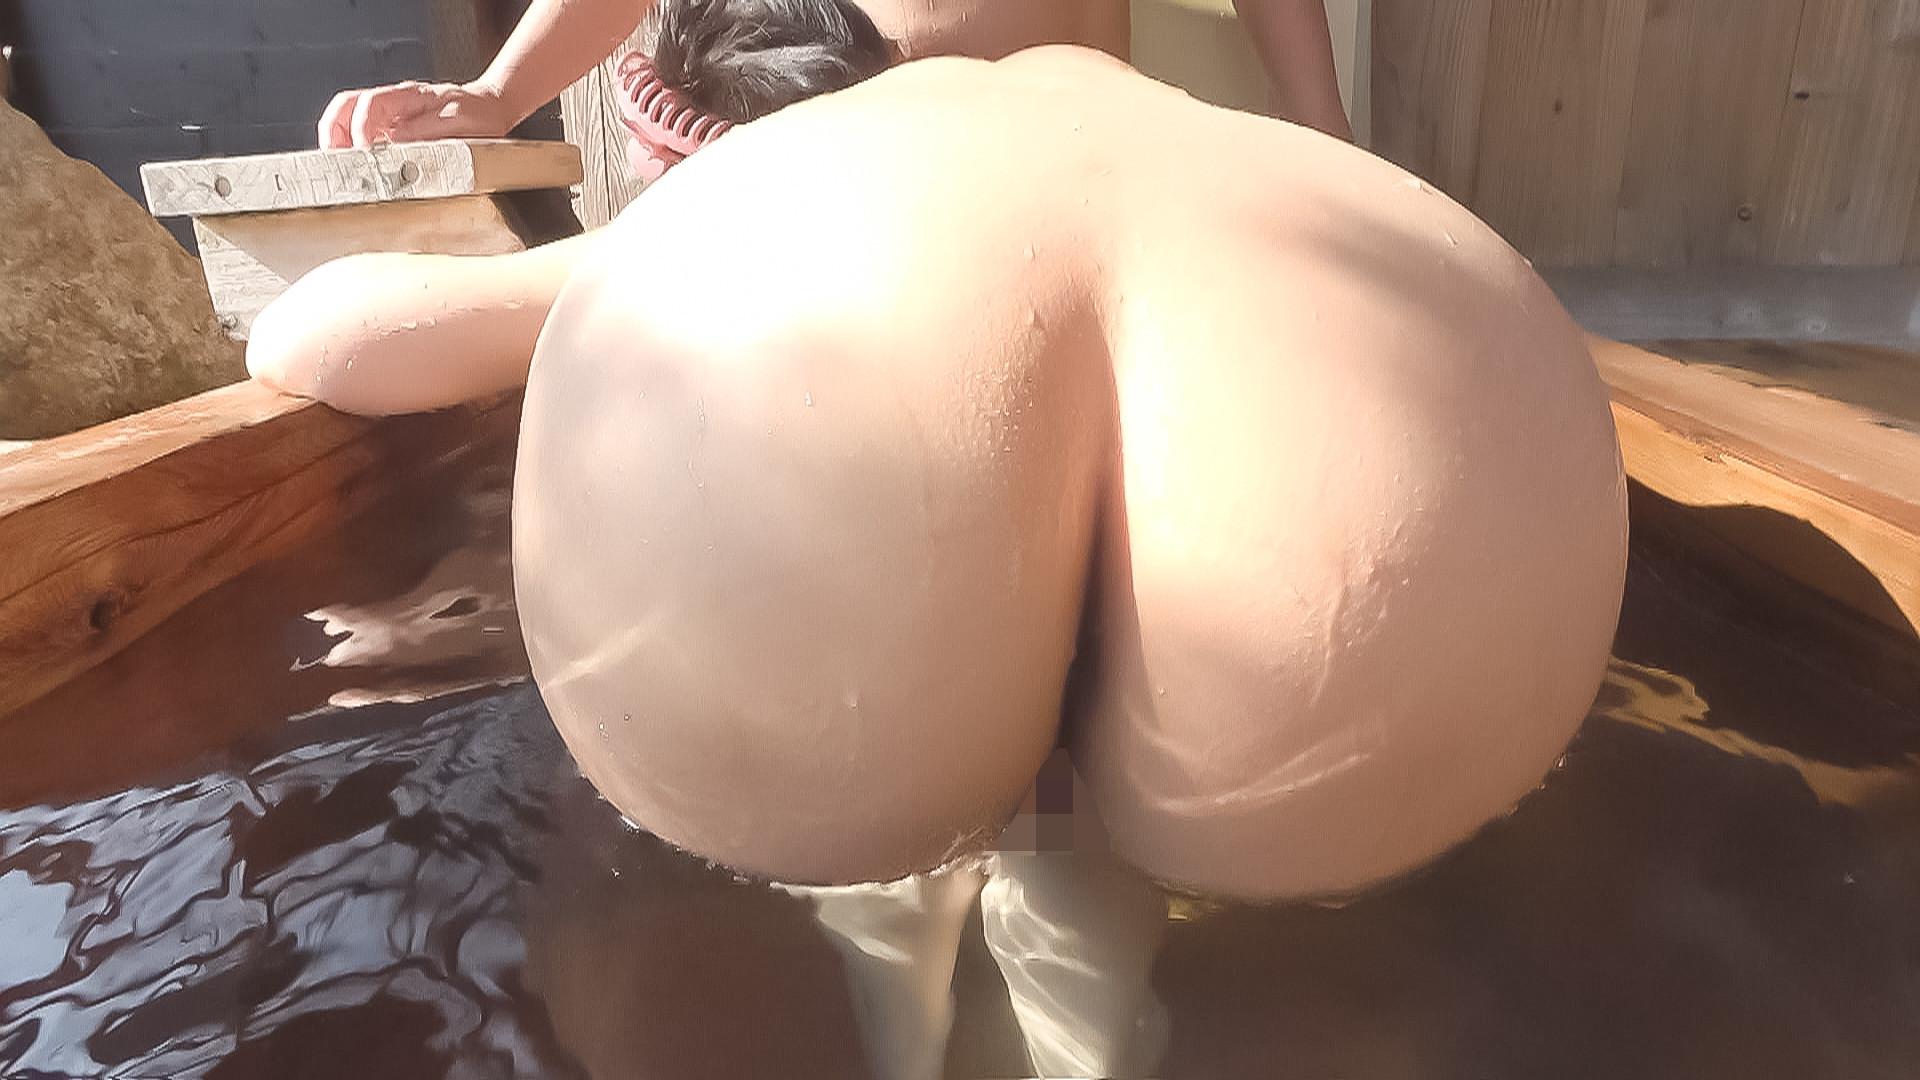 中出し露天温泉 国宝級マシュマロおっぱいIカップむっつりスケベなエロエロお姉さん 画像3